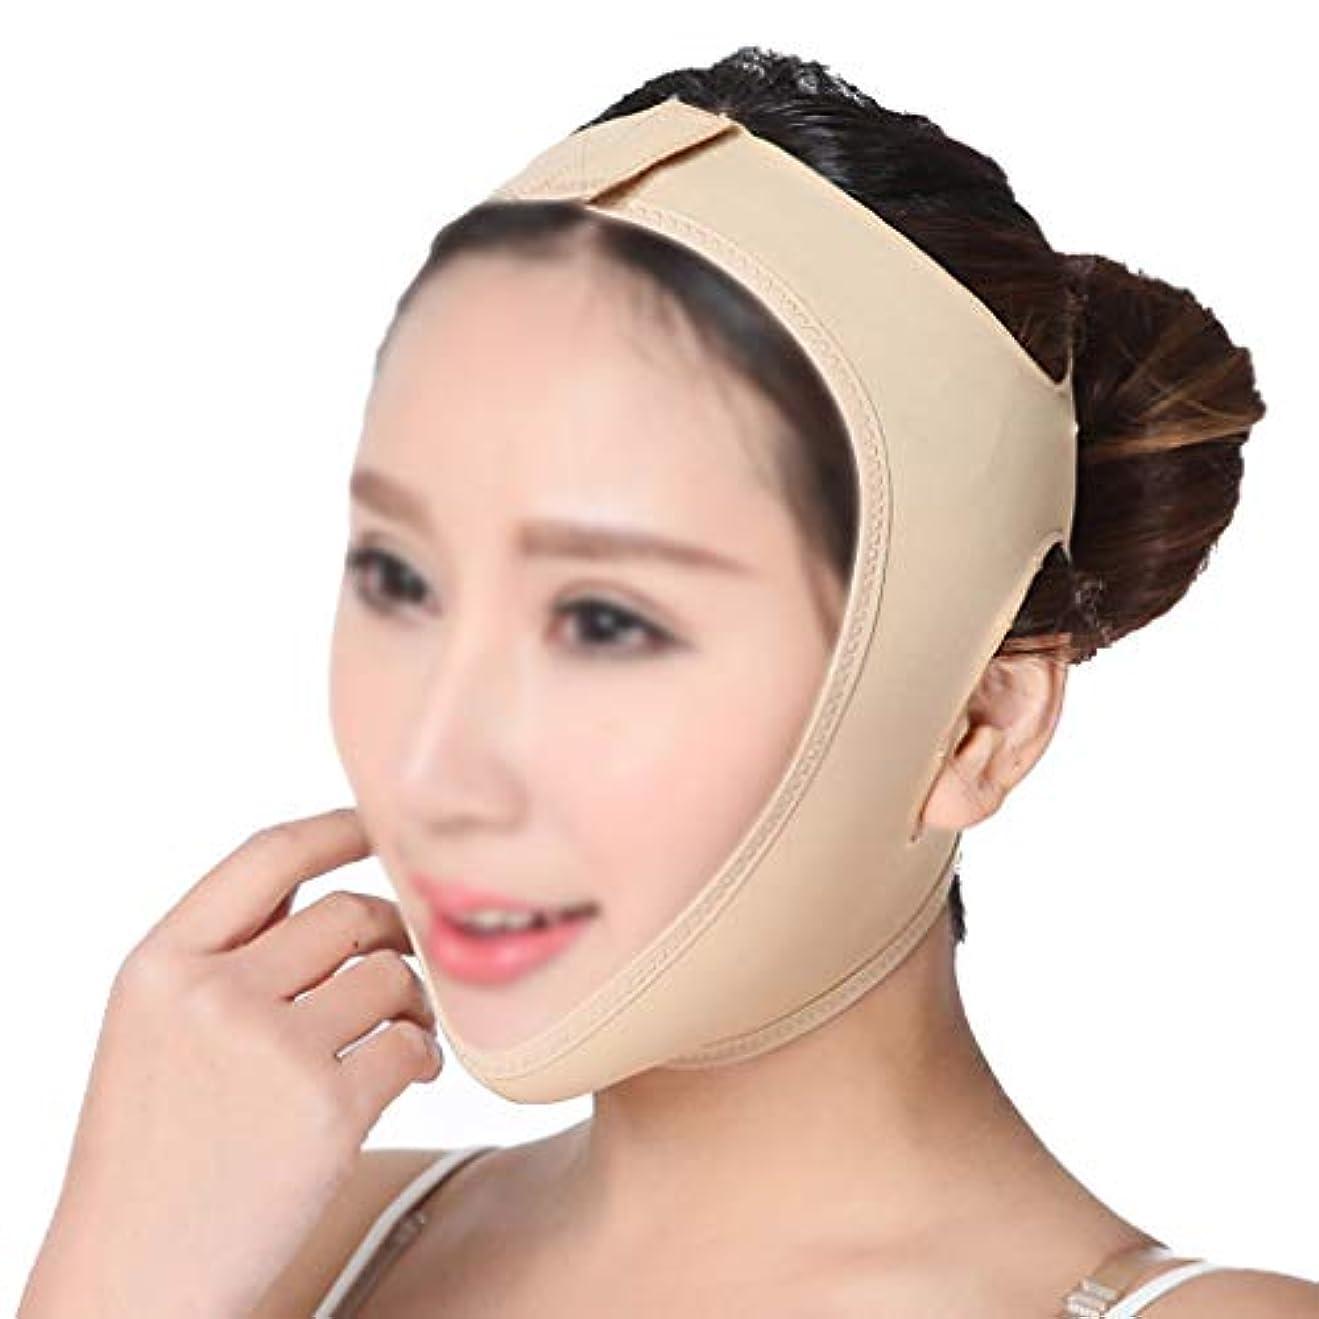 亡命復活する意識的フェイスリフティングマスク、持ち上がるあごと顔の肌、垂れ下がるのを防ぐ頬、快適で通気性のある生地、詰まることを拒否、身に着けやすい (Size : XL)